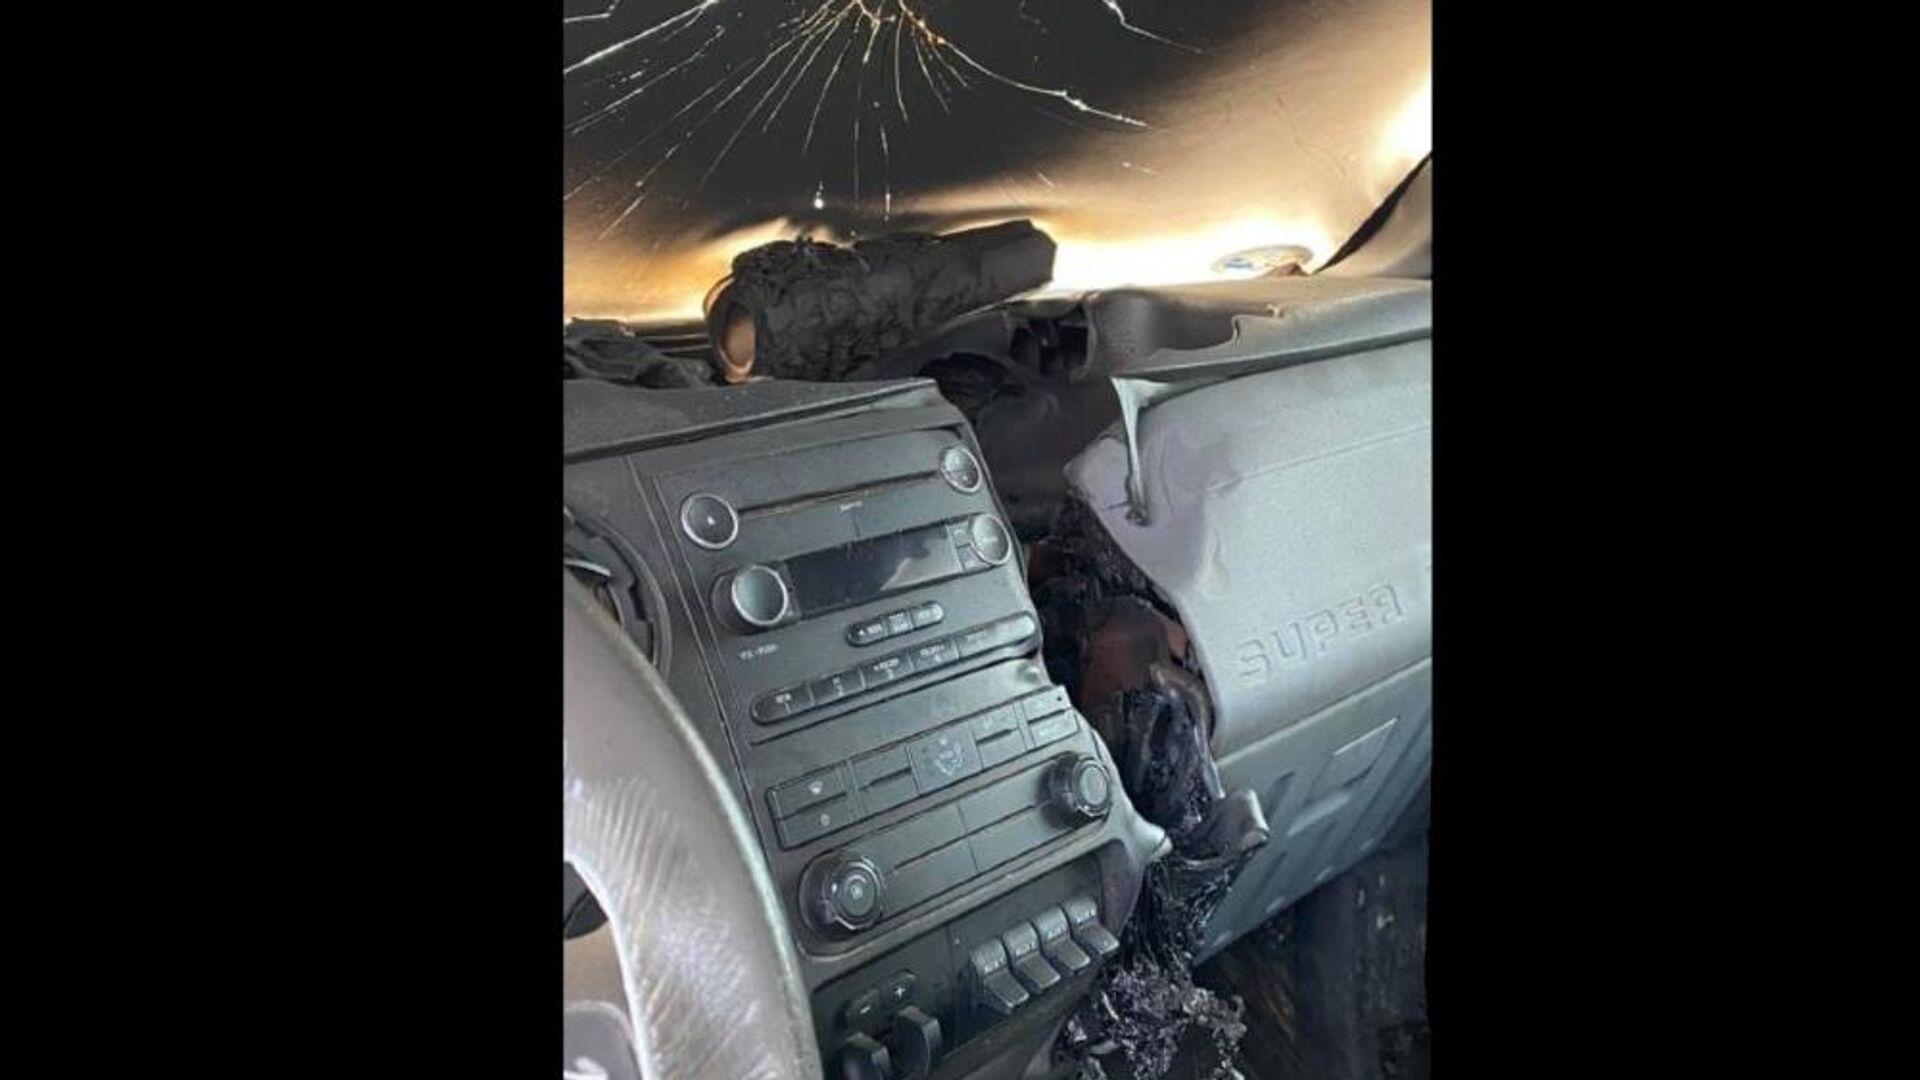 Κεραυνός χτυπά αμάξι και λιώνει το ταμπλό - Sputnik Ελλάδα, 1920, 25.07.2021